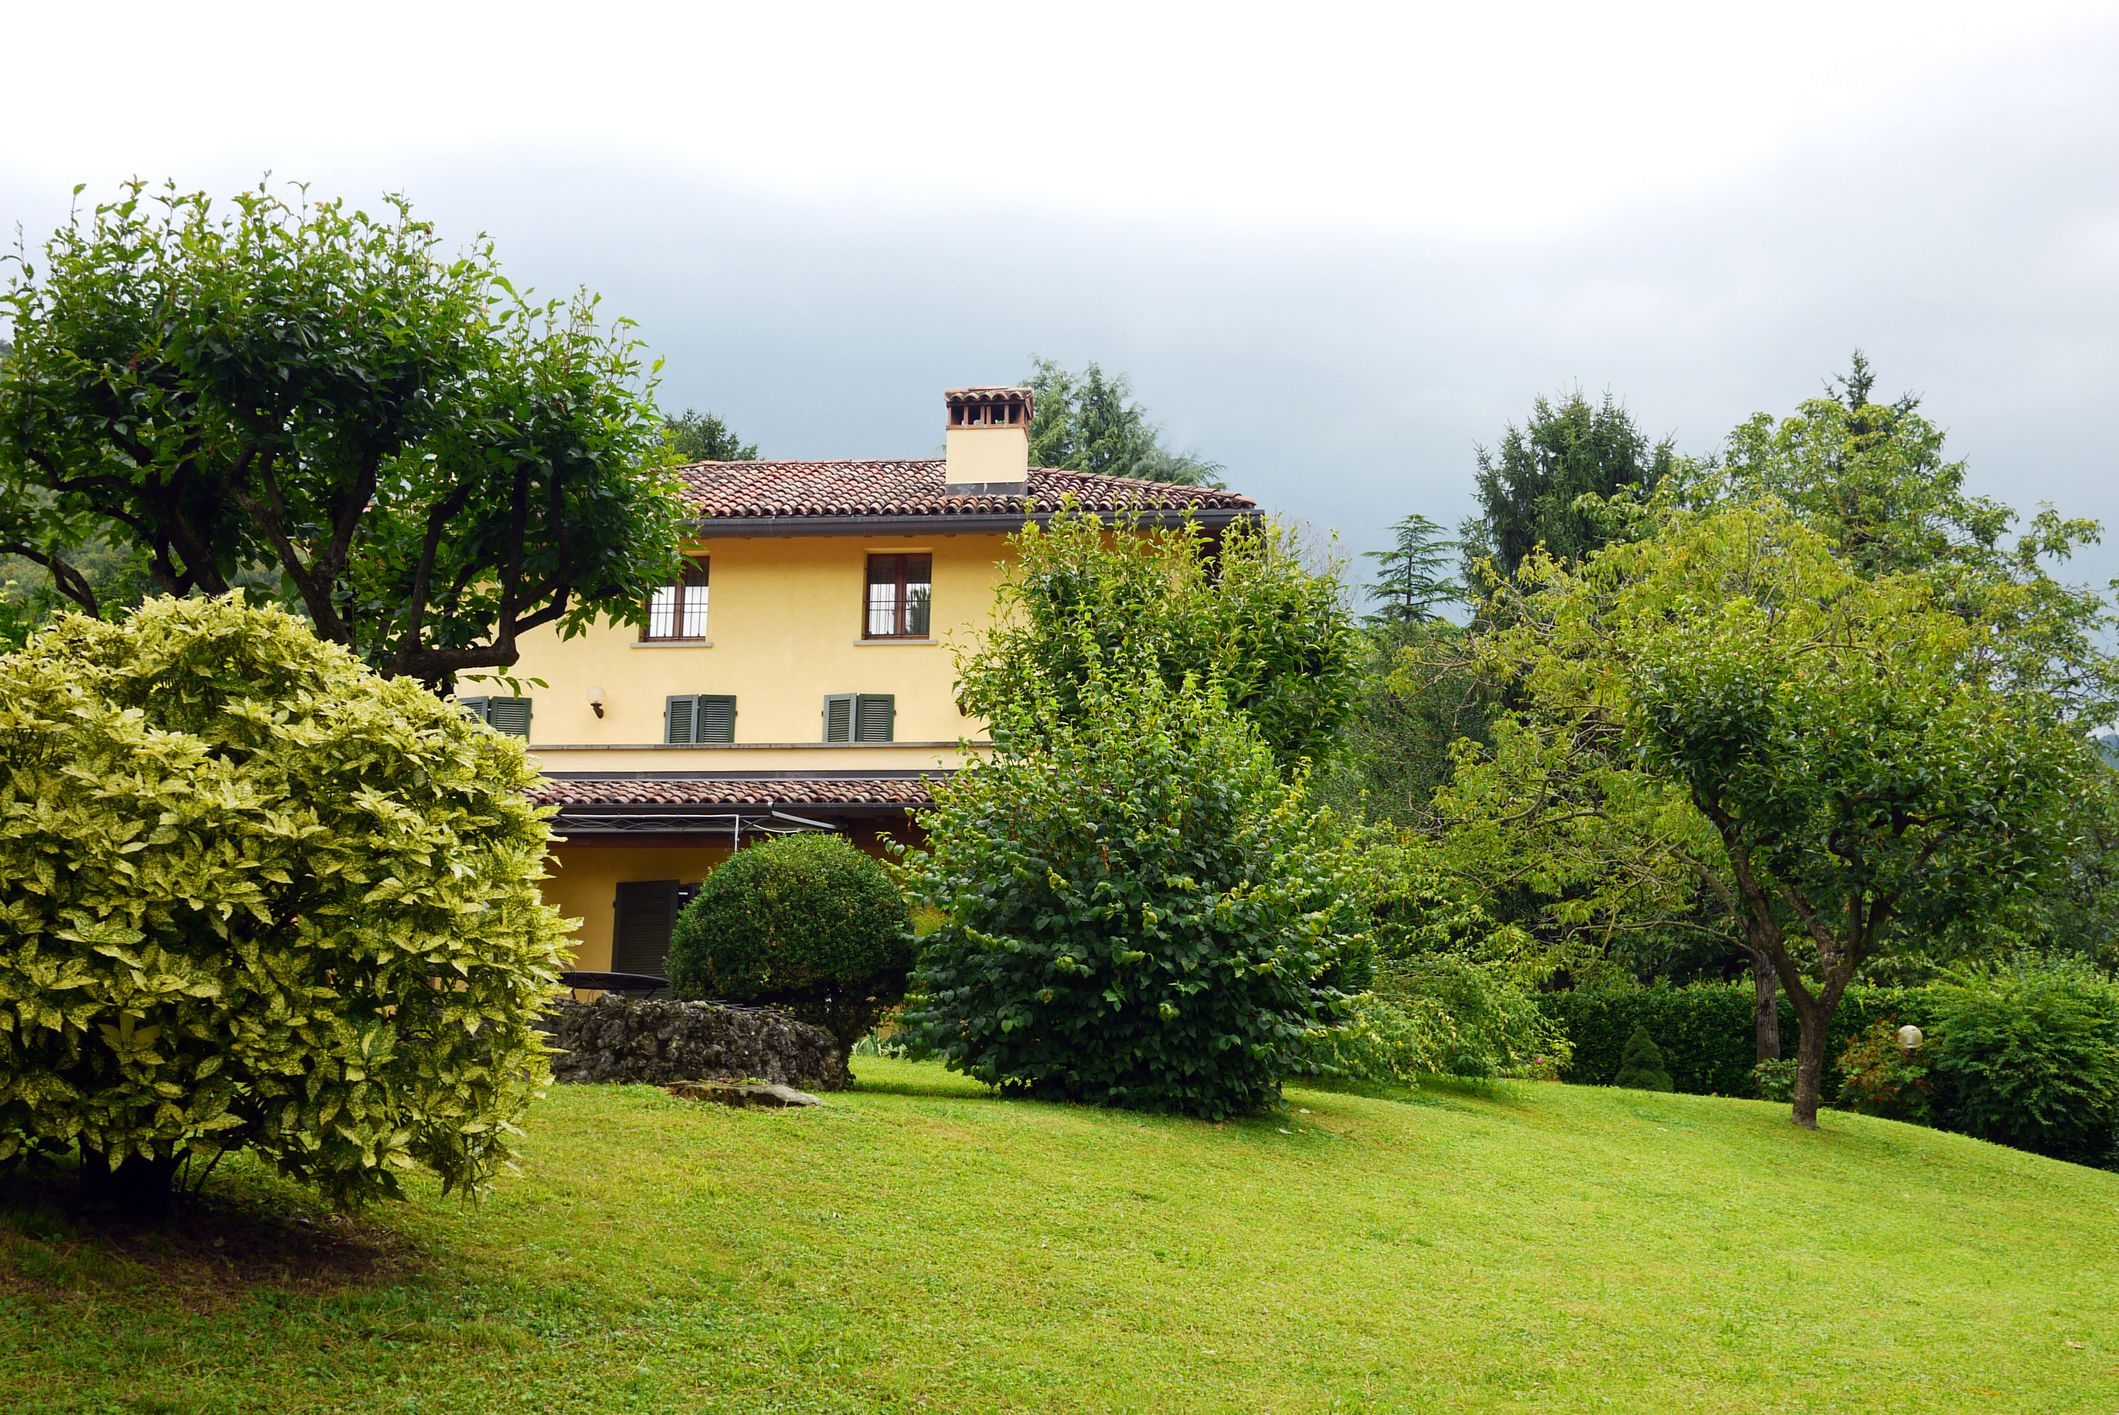 Los arbustos y árboles le dan privacidad a este hogar italiano.